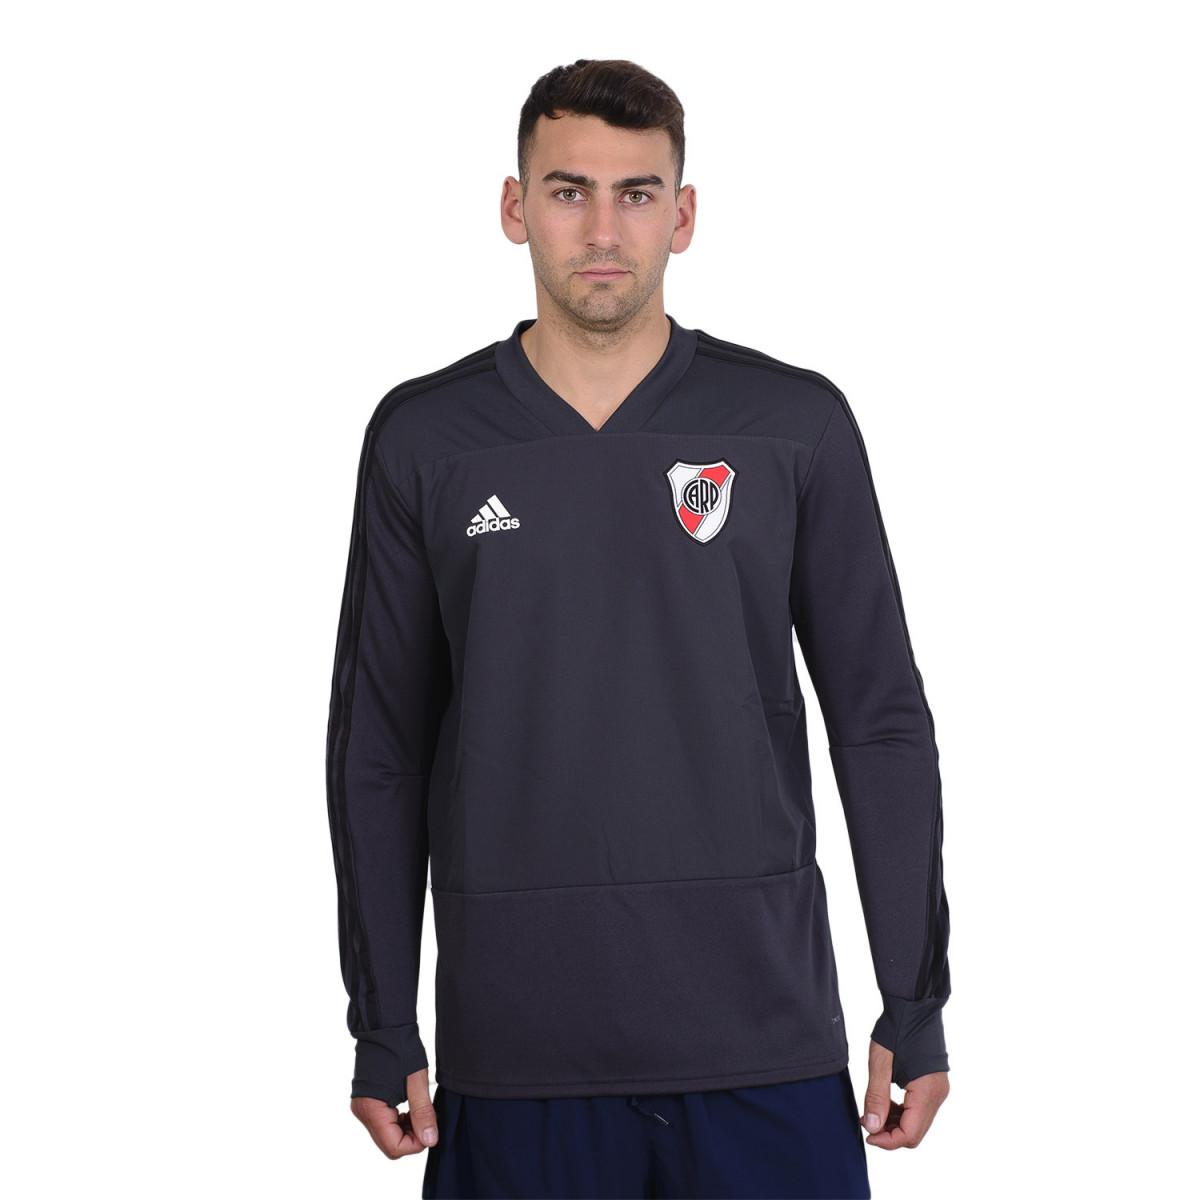 Buzo Adidas River Plate Training 2018 2019 fcfc451641ab2